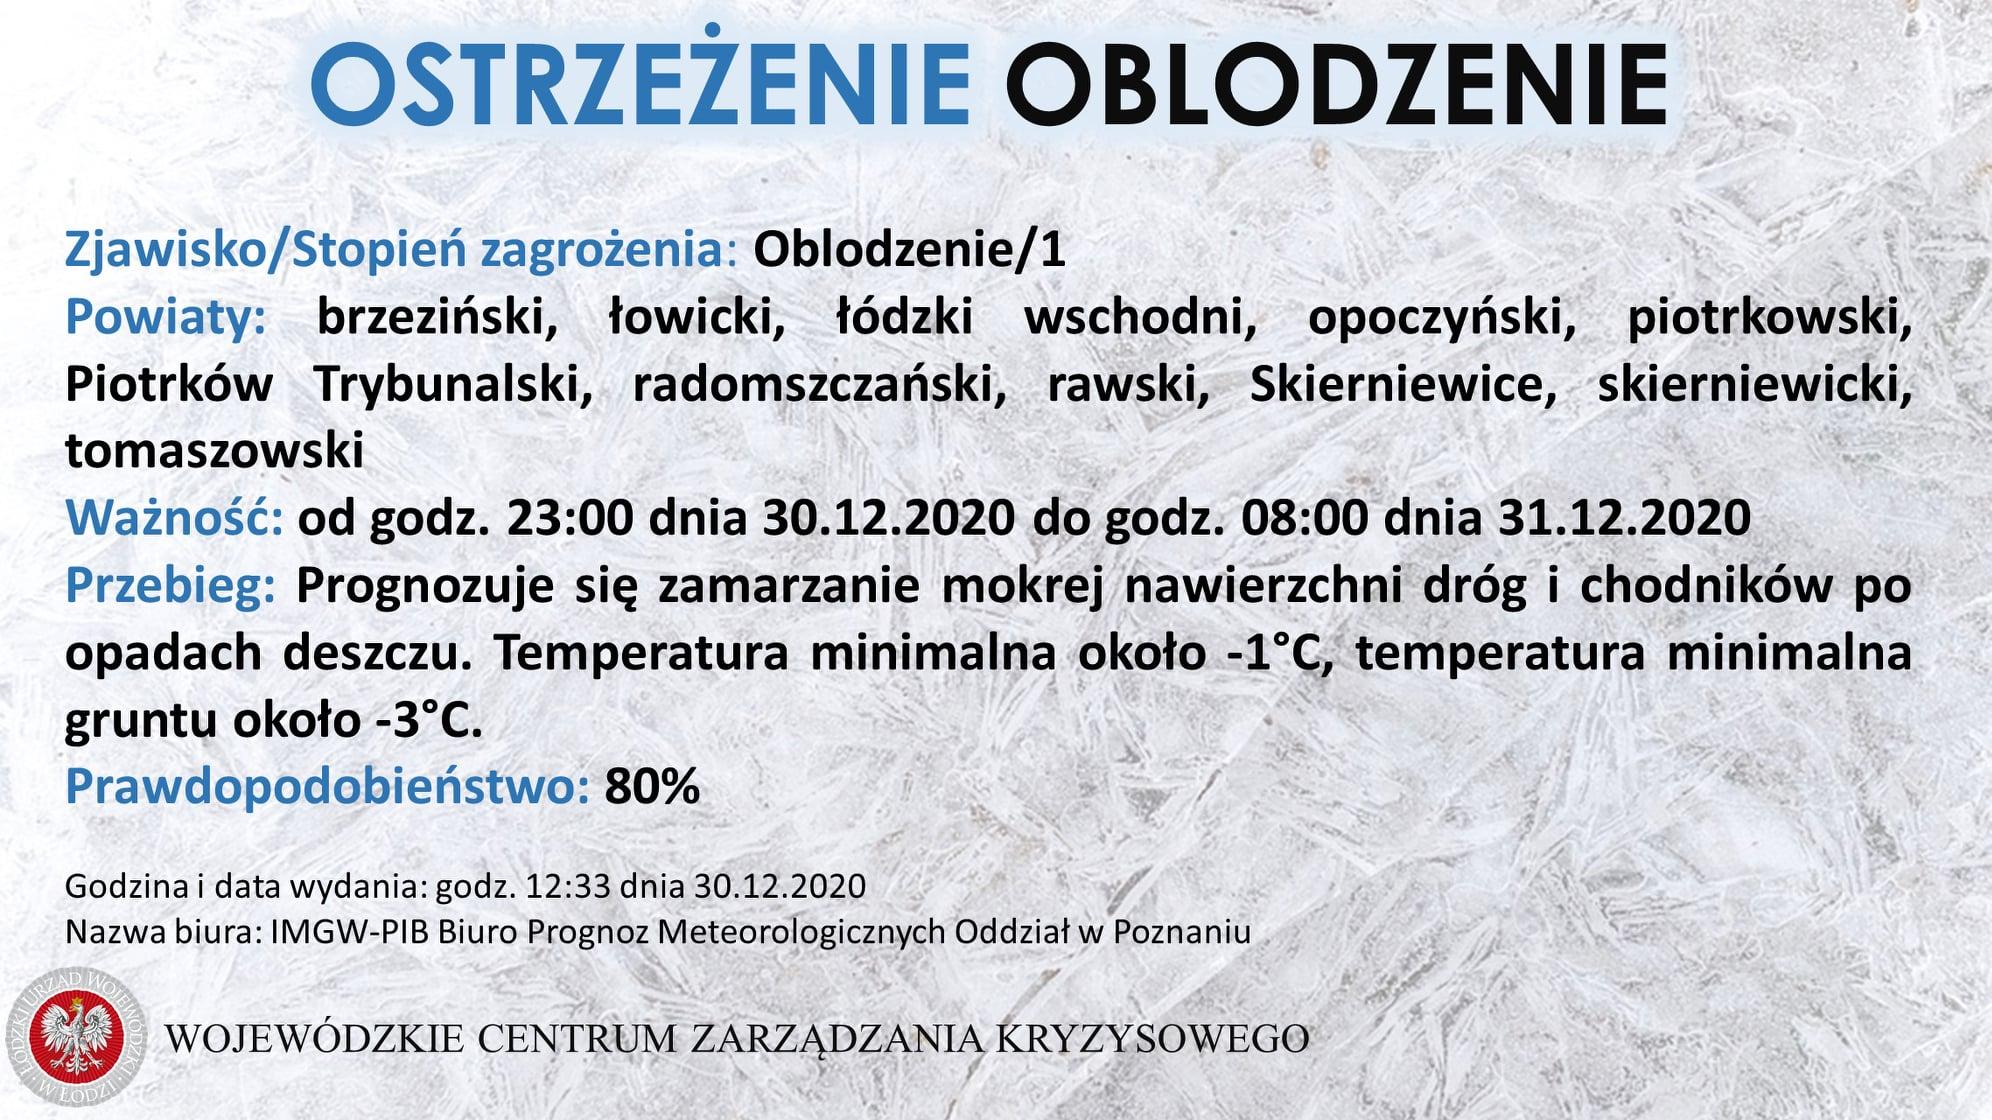 Ostrzeżenie meteorologiczne:  Zjawisko/Stopień zagrożenia: Oblodzenie/1  Powiaty...